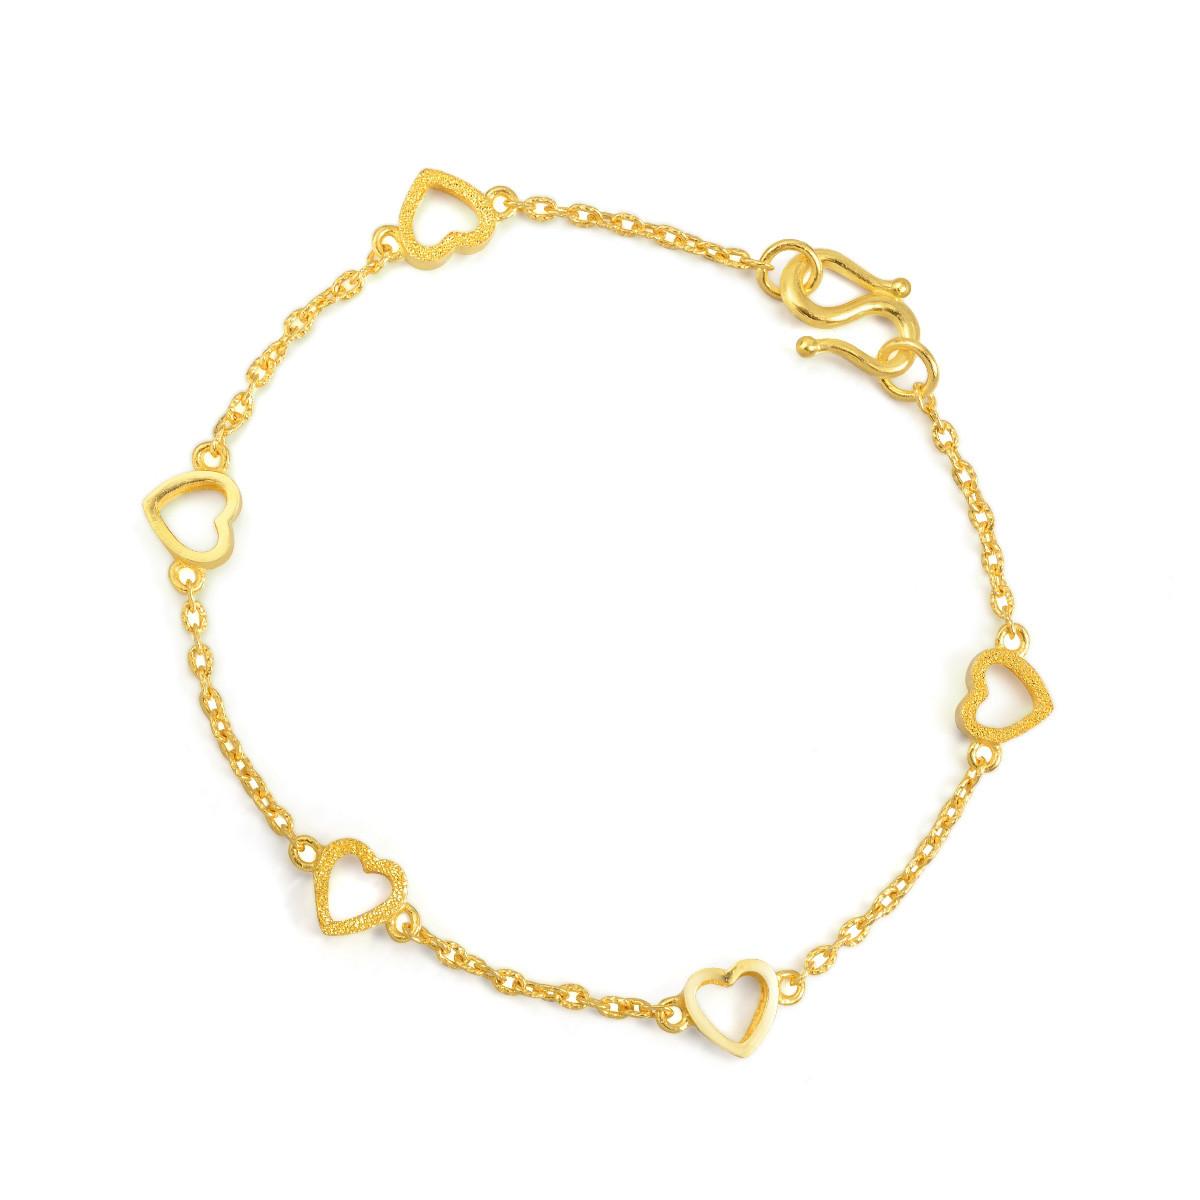 周生生周生生正品黄金首饰光间闪沙心形手链珠宝足金手链B14677b如图